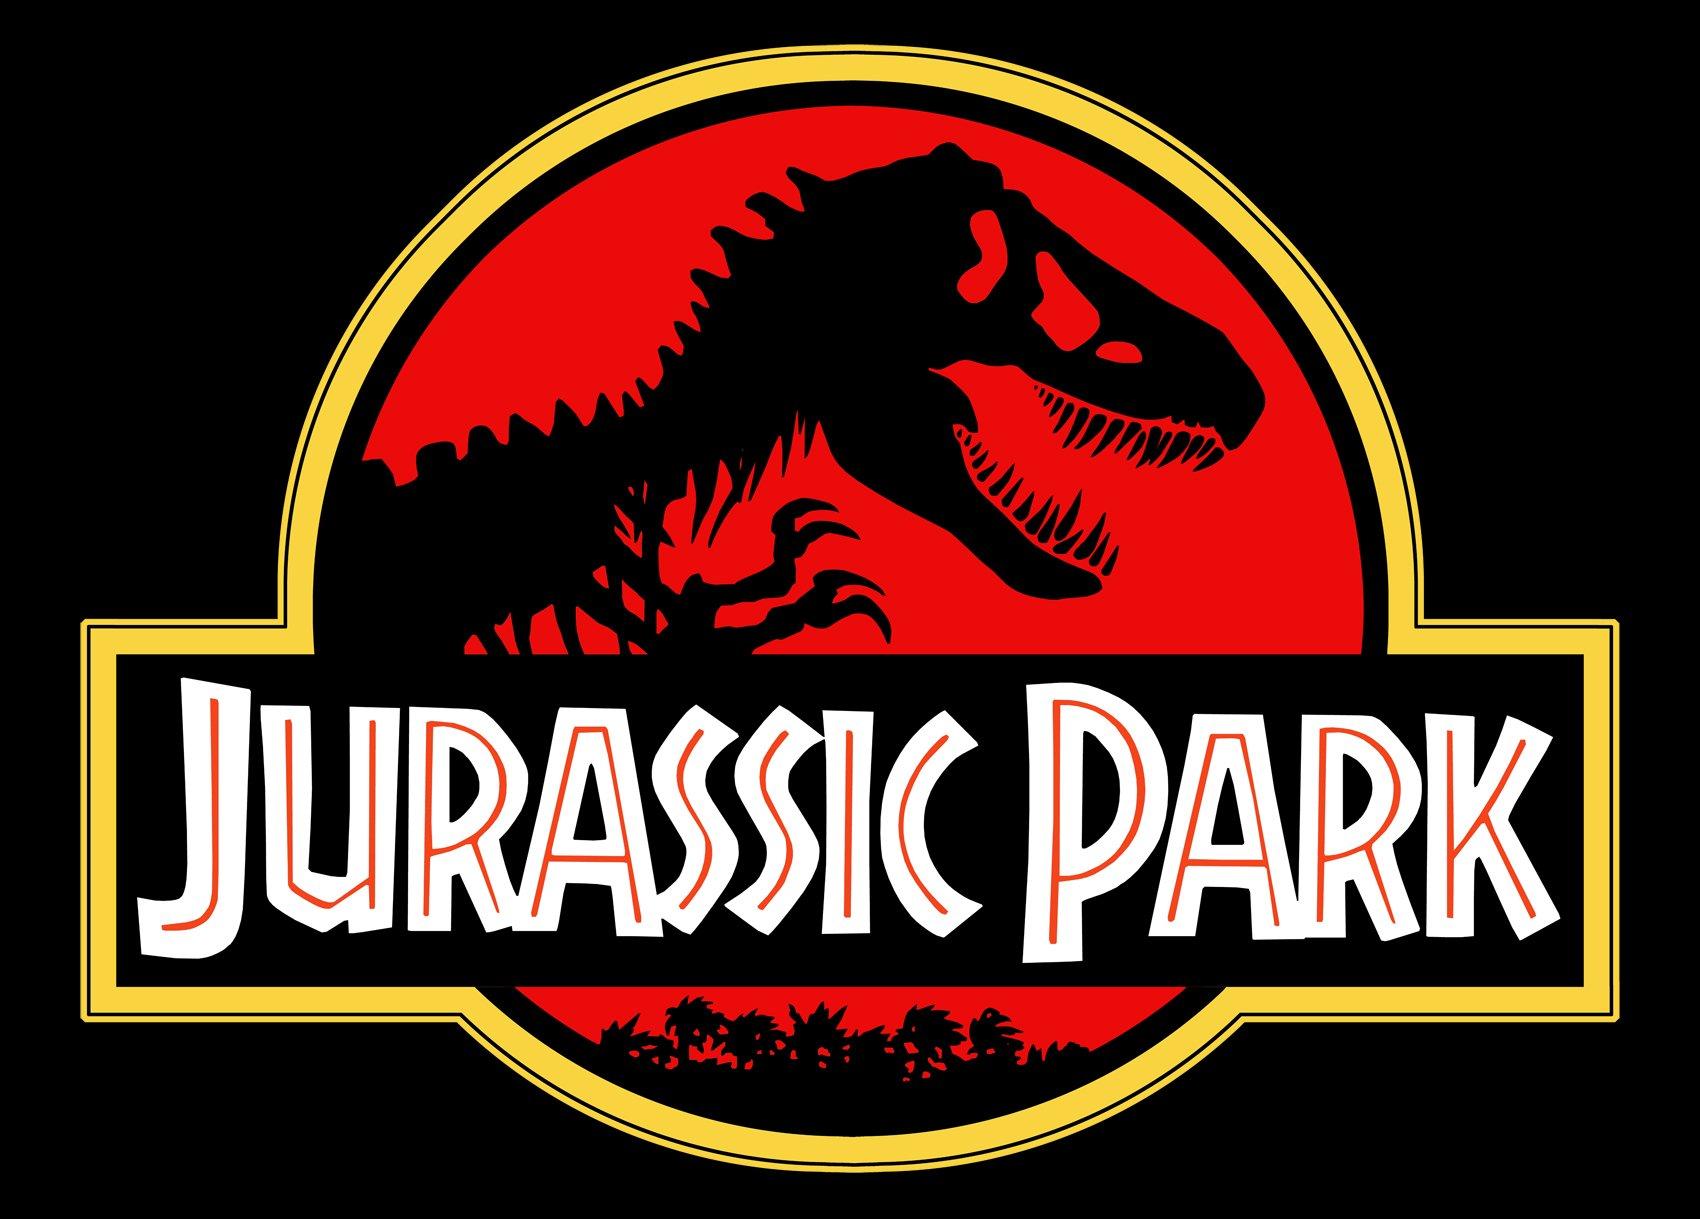 Jurassic Park Logo, Jurassic Park Symbol, Meaning, History ...